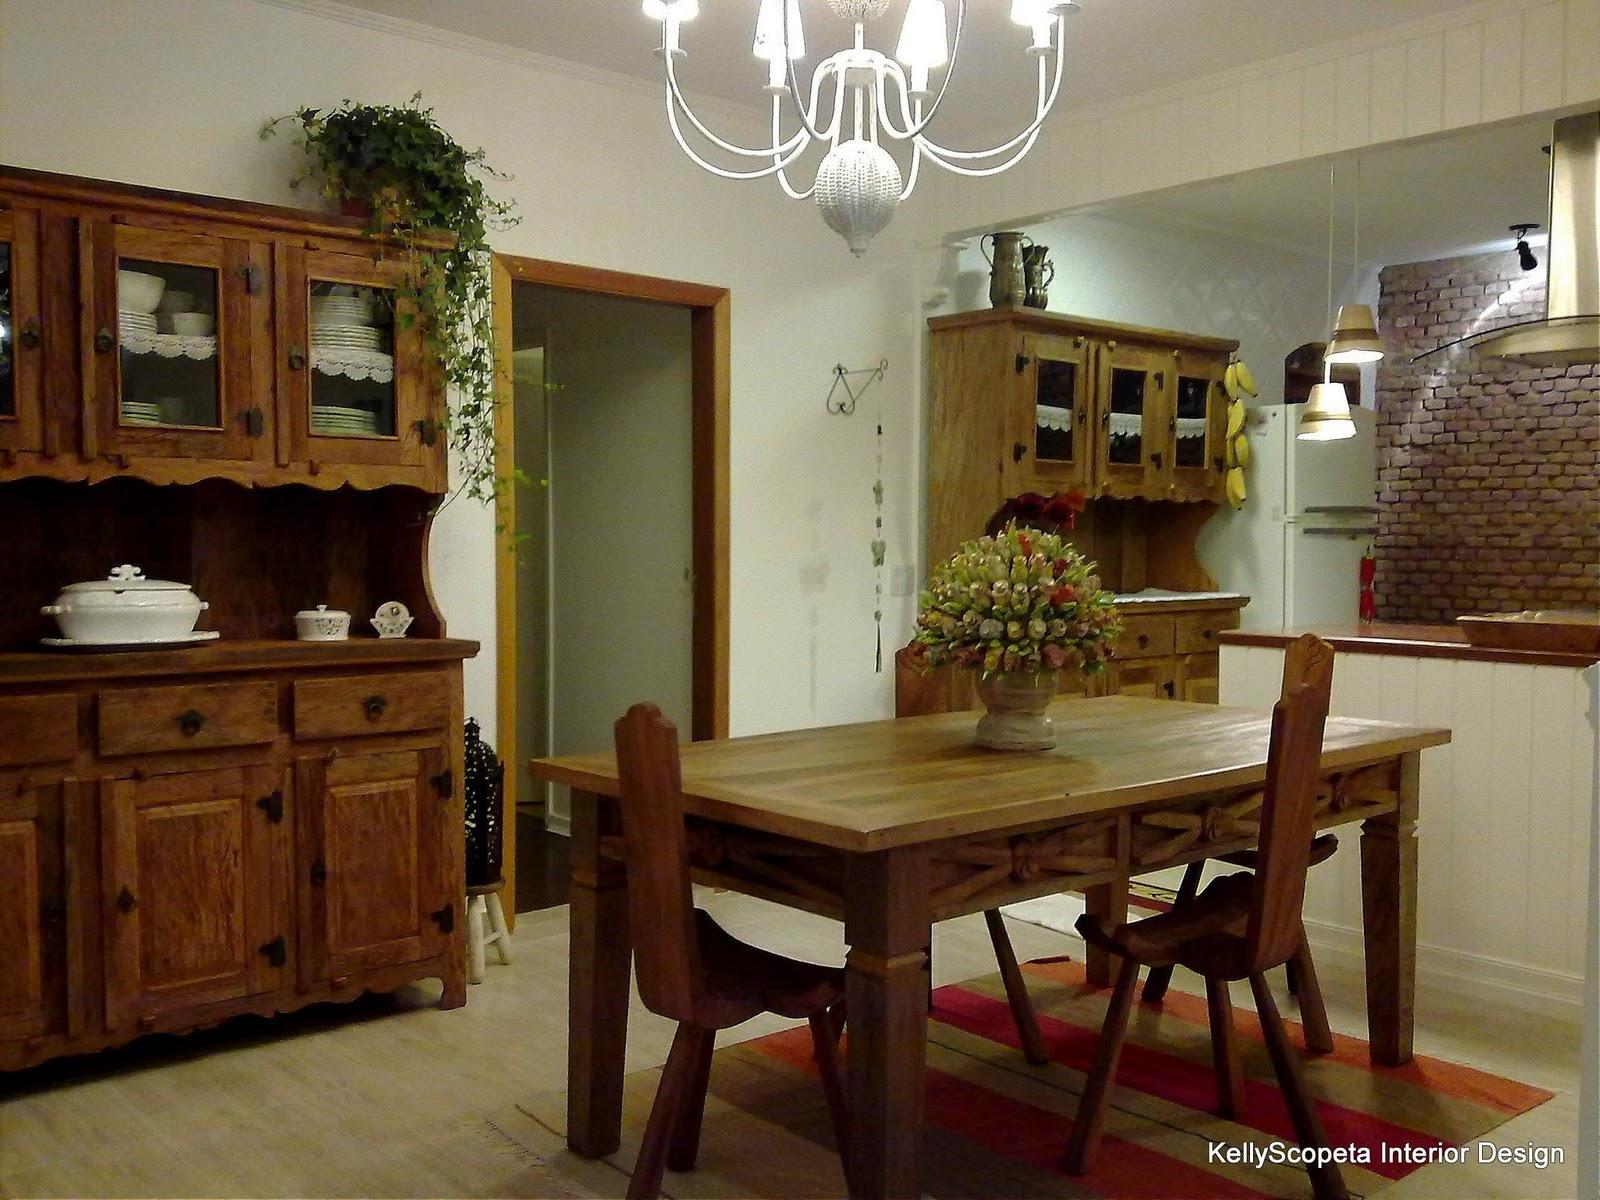 #341C0C mais foco na Sala de Jantar e mobiliário todos em madeira maciça de  1600x1200 píxeis em Decoração De Sala De Jantar Rustico